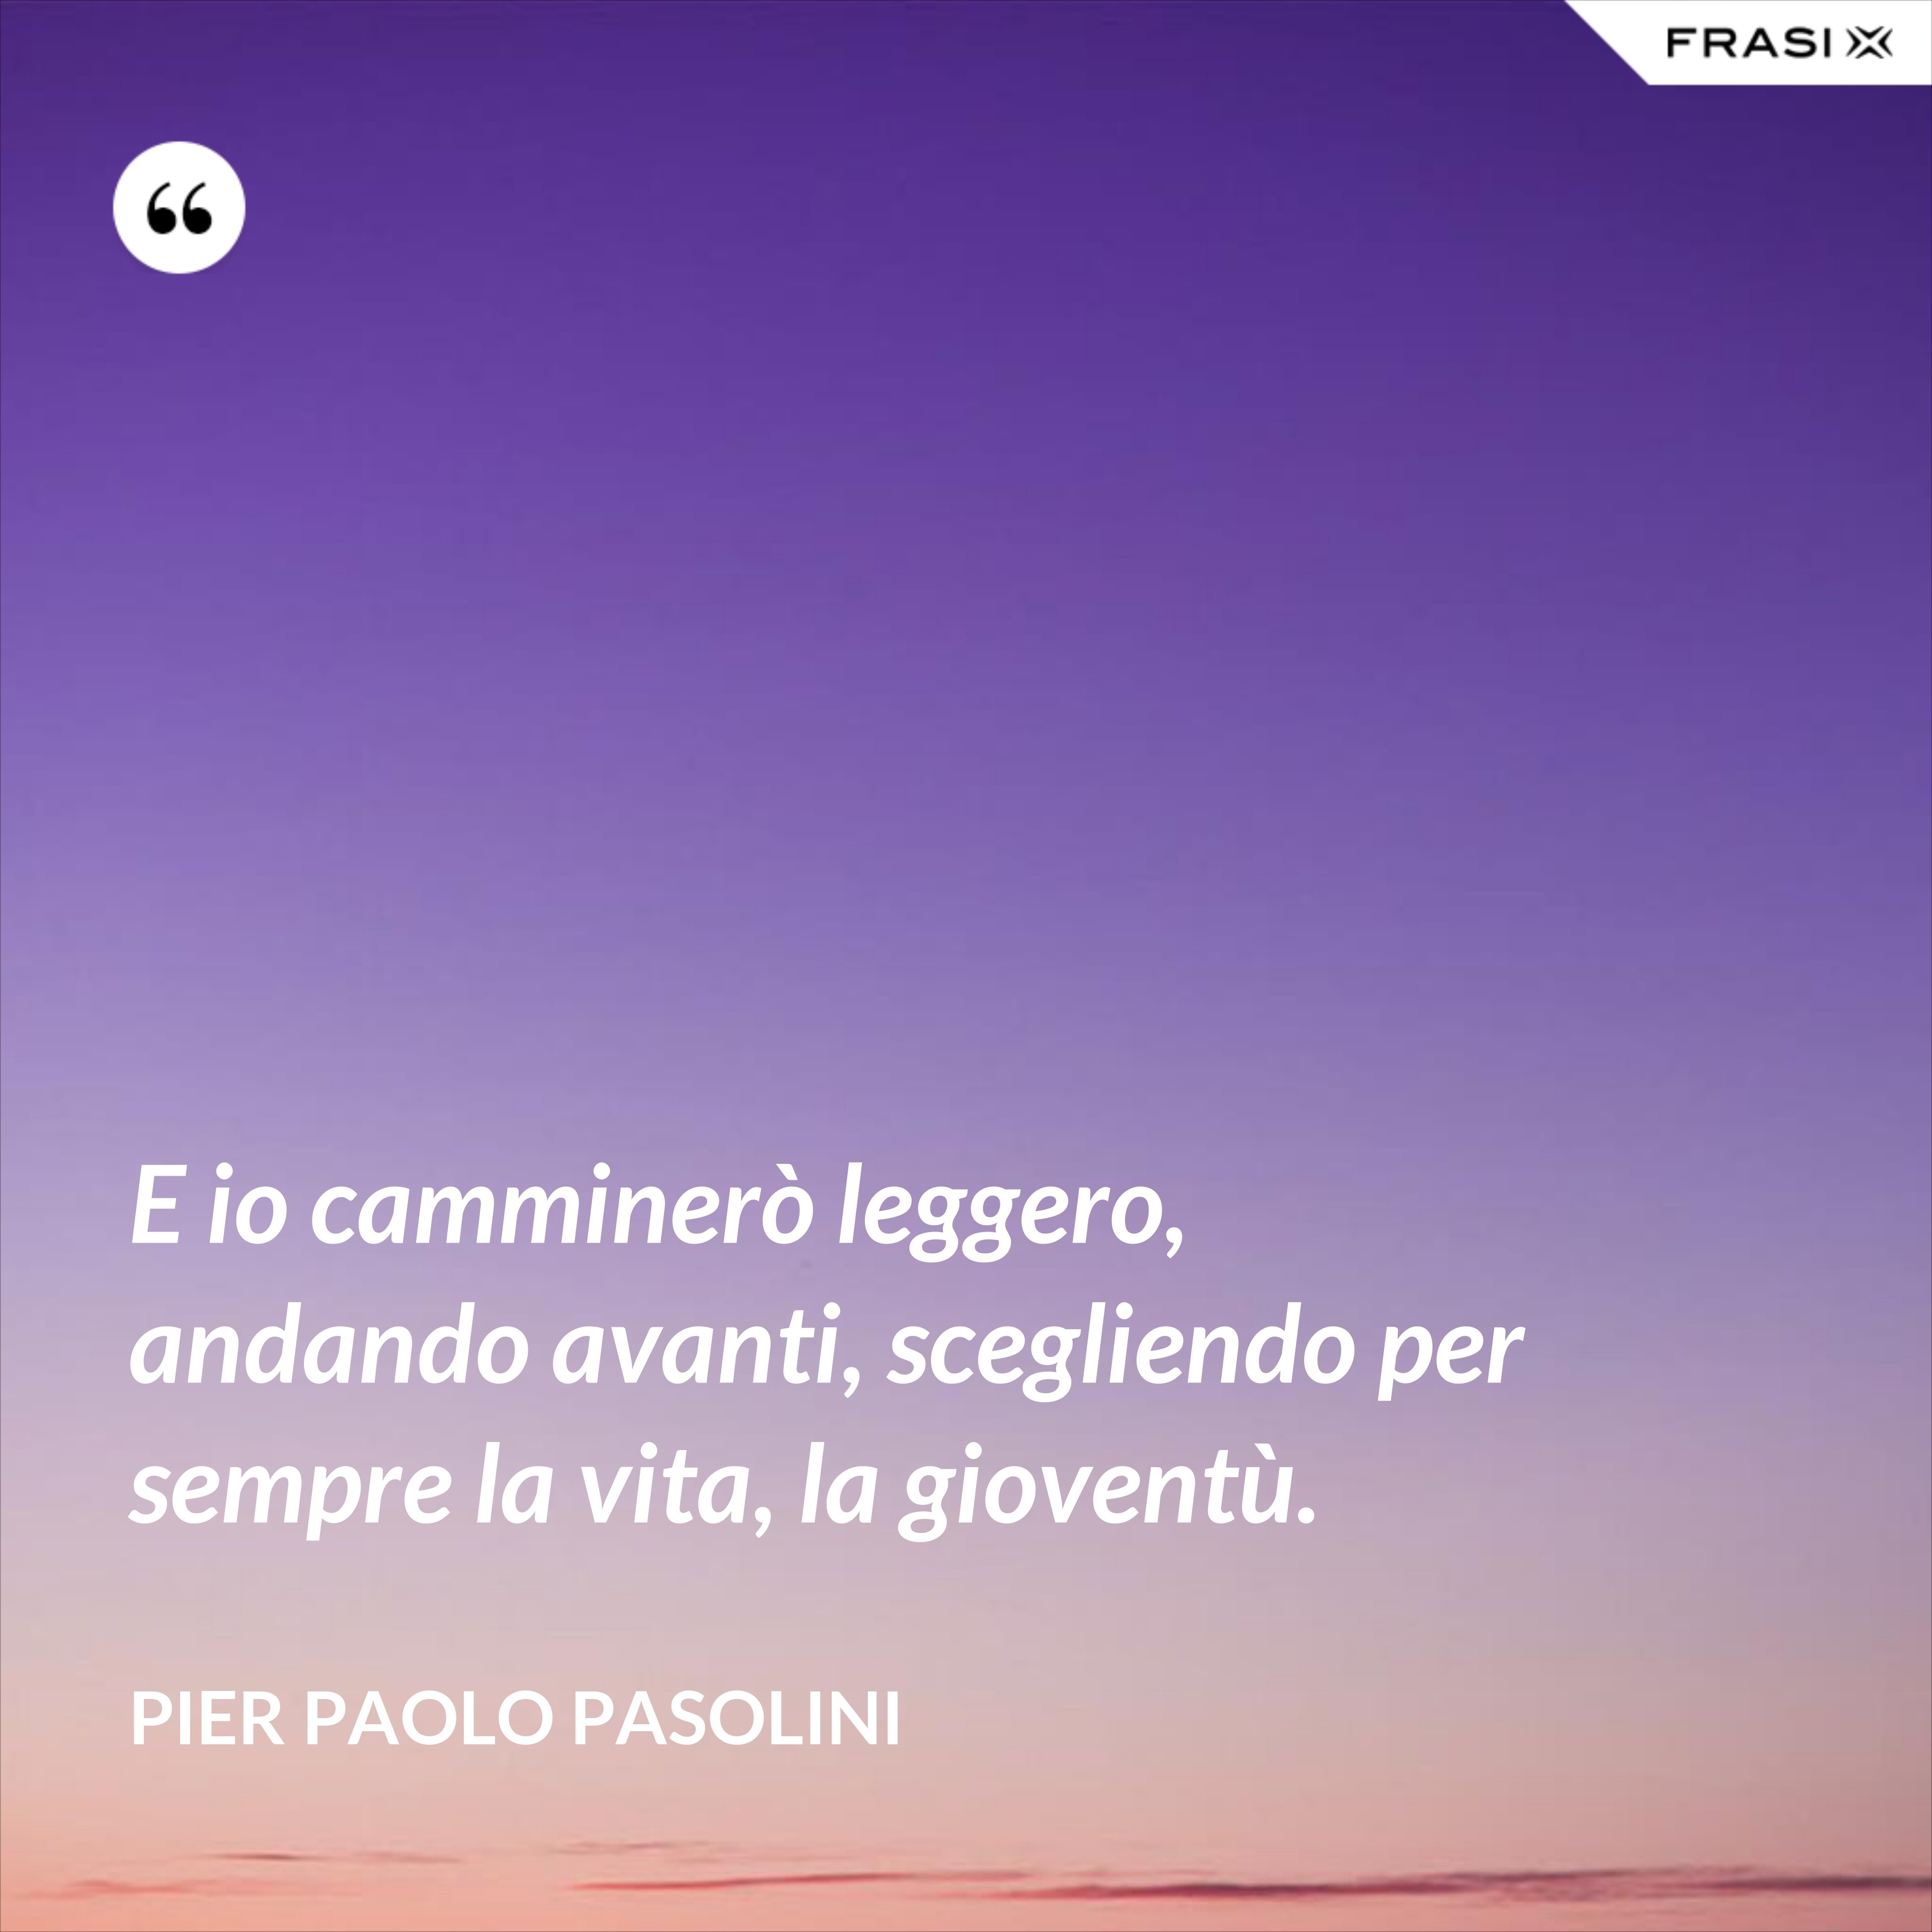 E io camminerò leggero, andando avanti, scegliendo per sempre la vita, la gioventù. - Pier Paolo Pasolini